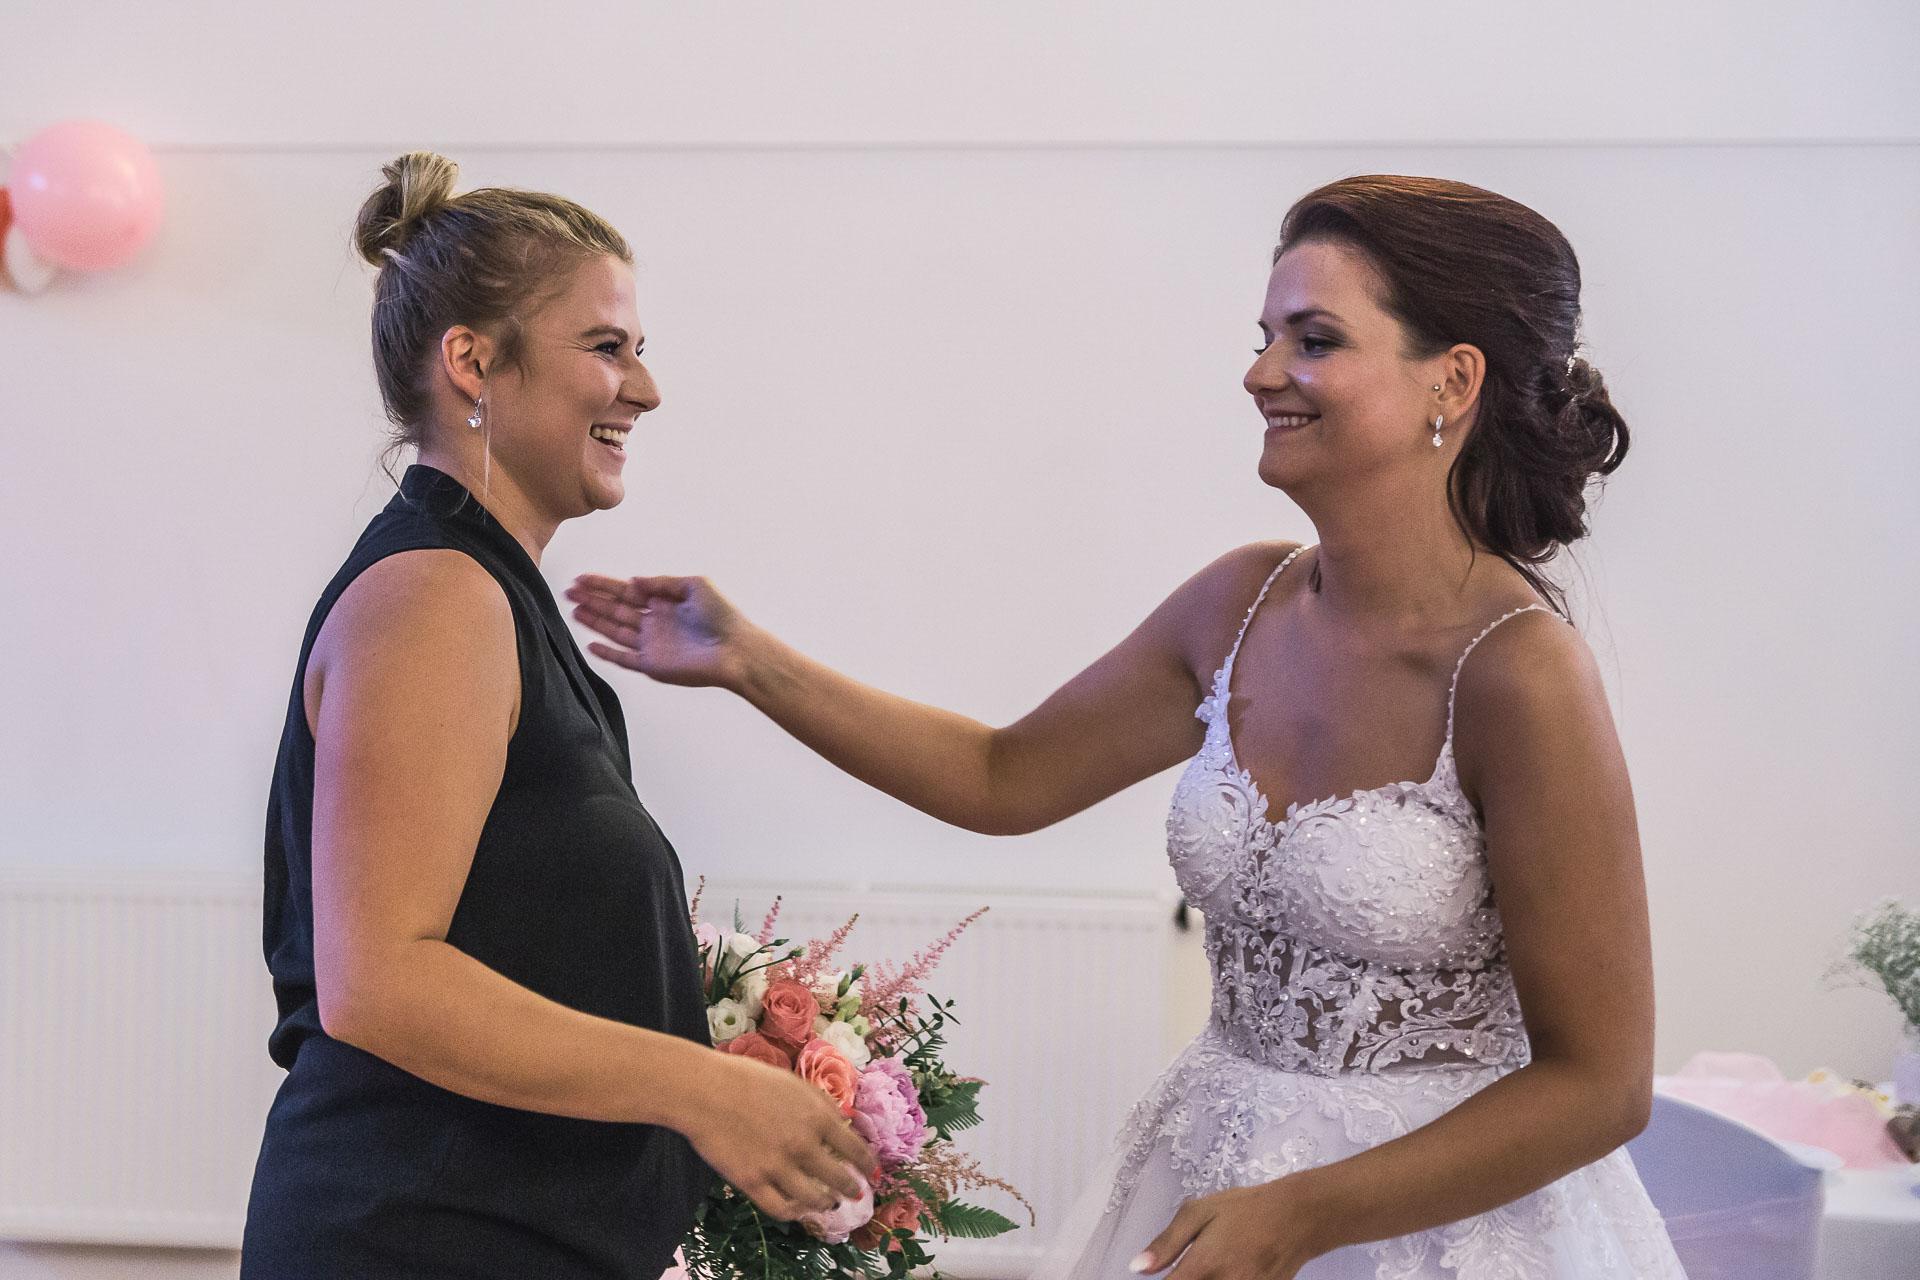 svatební-fotografie-Říp-svatební-video-ŘÍP-svatební-fotograf-ŘÍP-svatba-Mělník-svatba-Neratovice-fotograf-na-savtbu-kameraman-na-svatbu-423